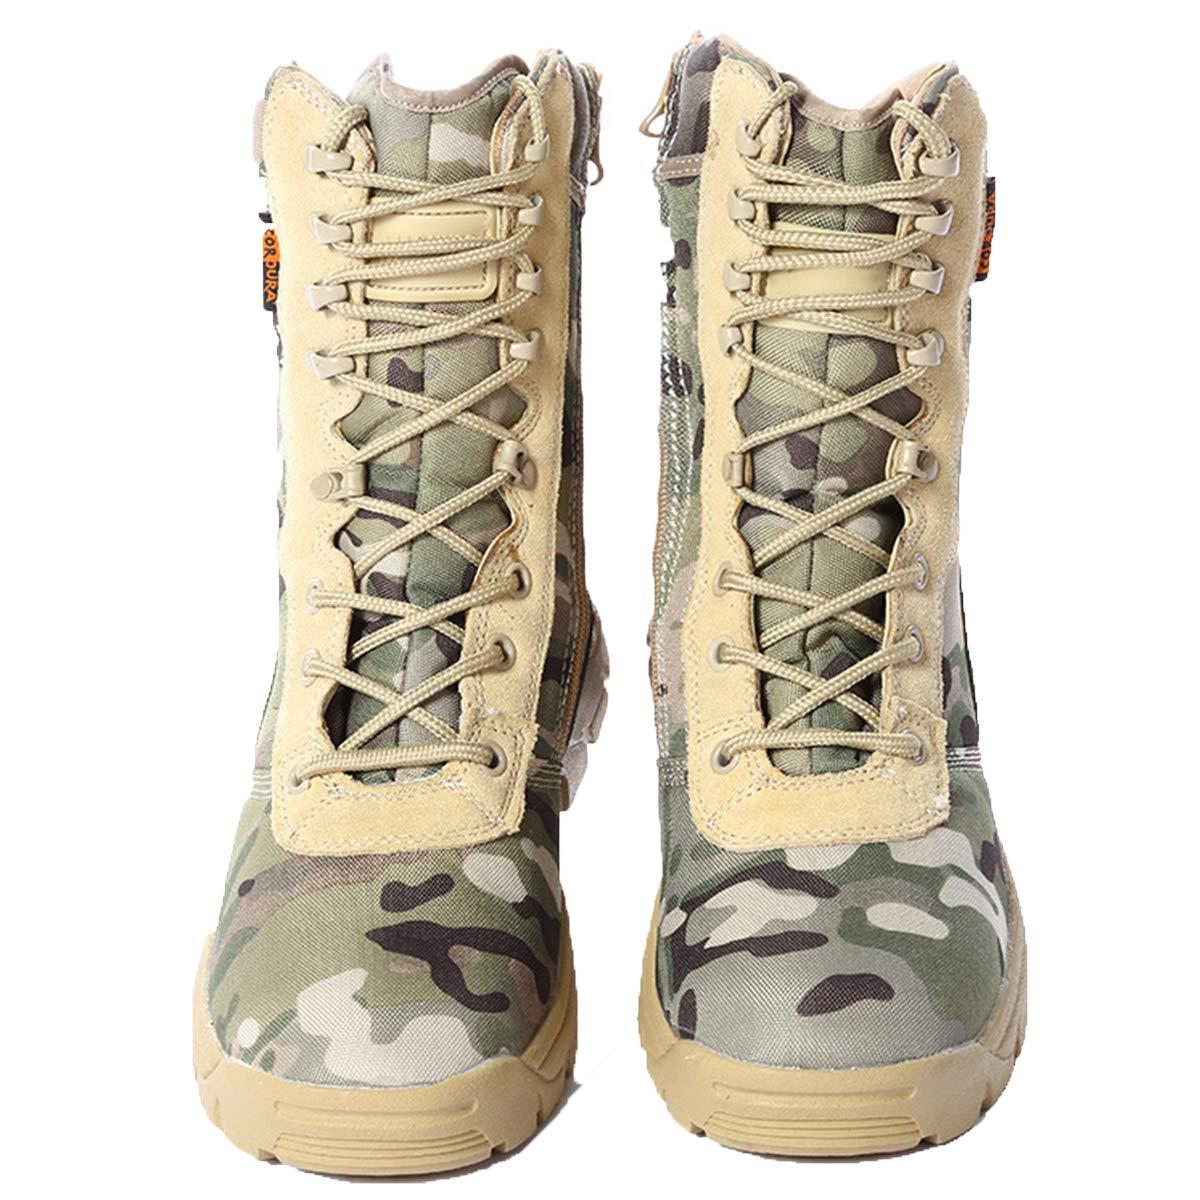 Stivali In Pelle Scamosciata Color Cuoio Leggeri Da Combattimento Militare E Deserto G-161 Uomo Delta Zip Laterale Militare Lavoro Esercito Scarpe Tattici Caviglia Boots Uniforme,Camouflage-EU41